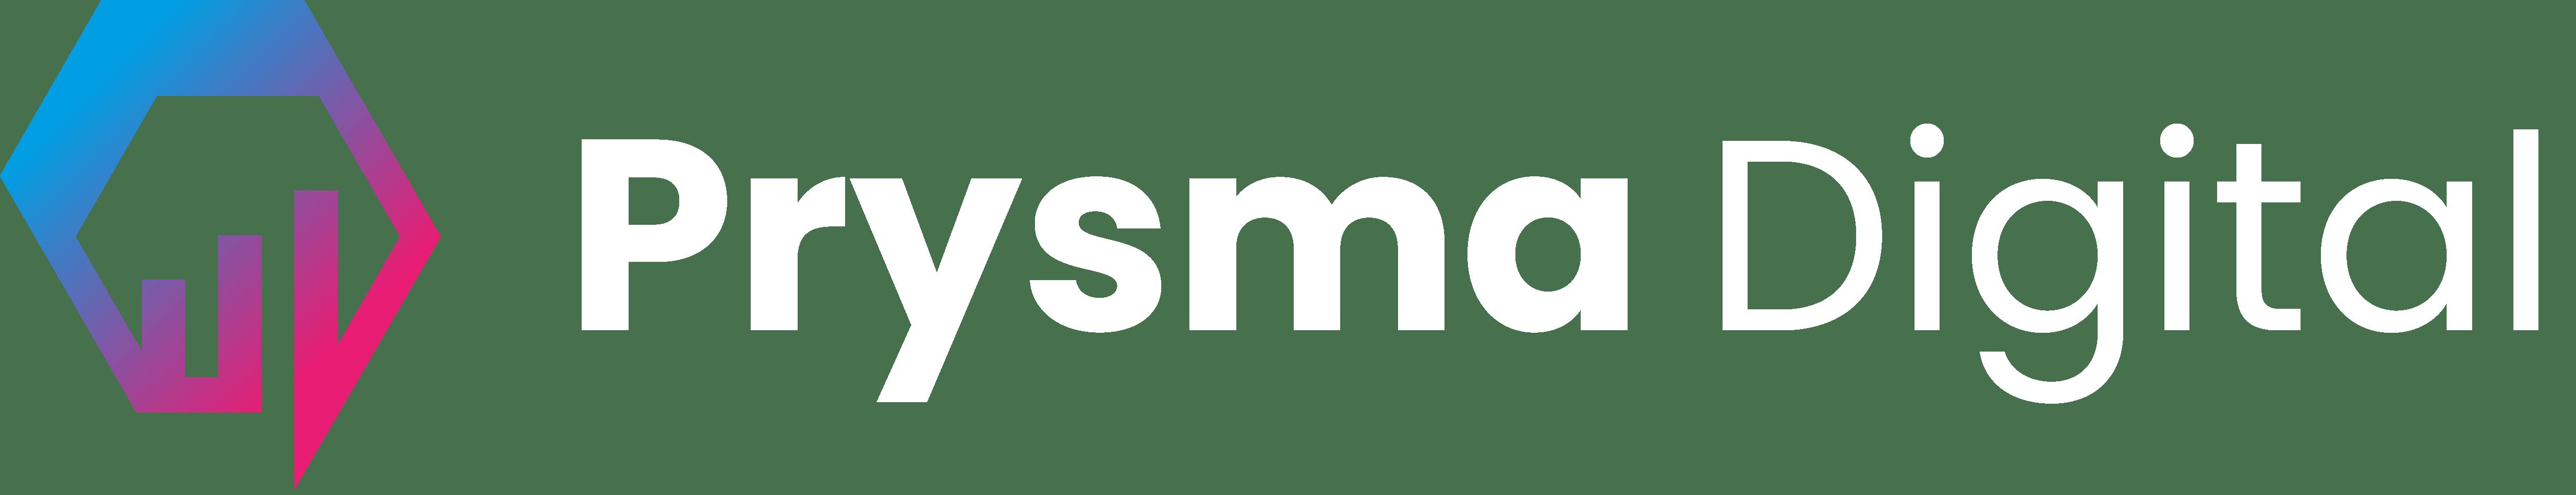 Prysma Digital